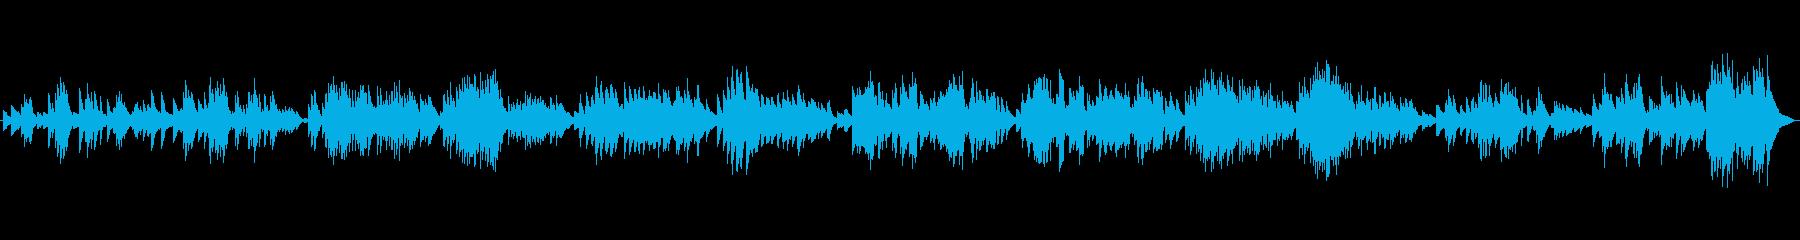 感情的でソウルフルなピアノのワルツ...の再生済みの波形